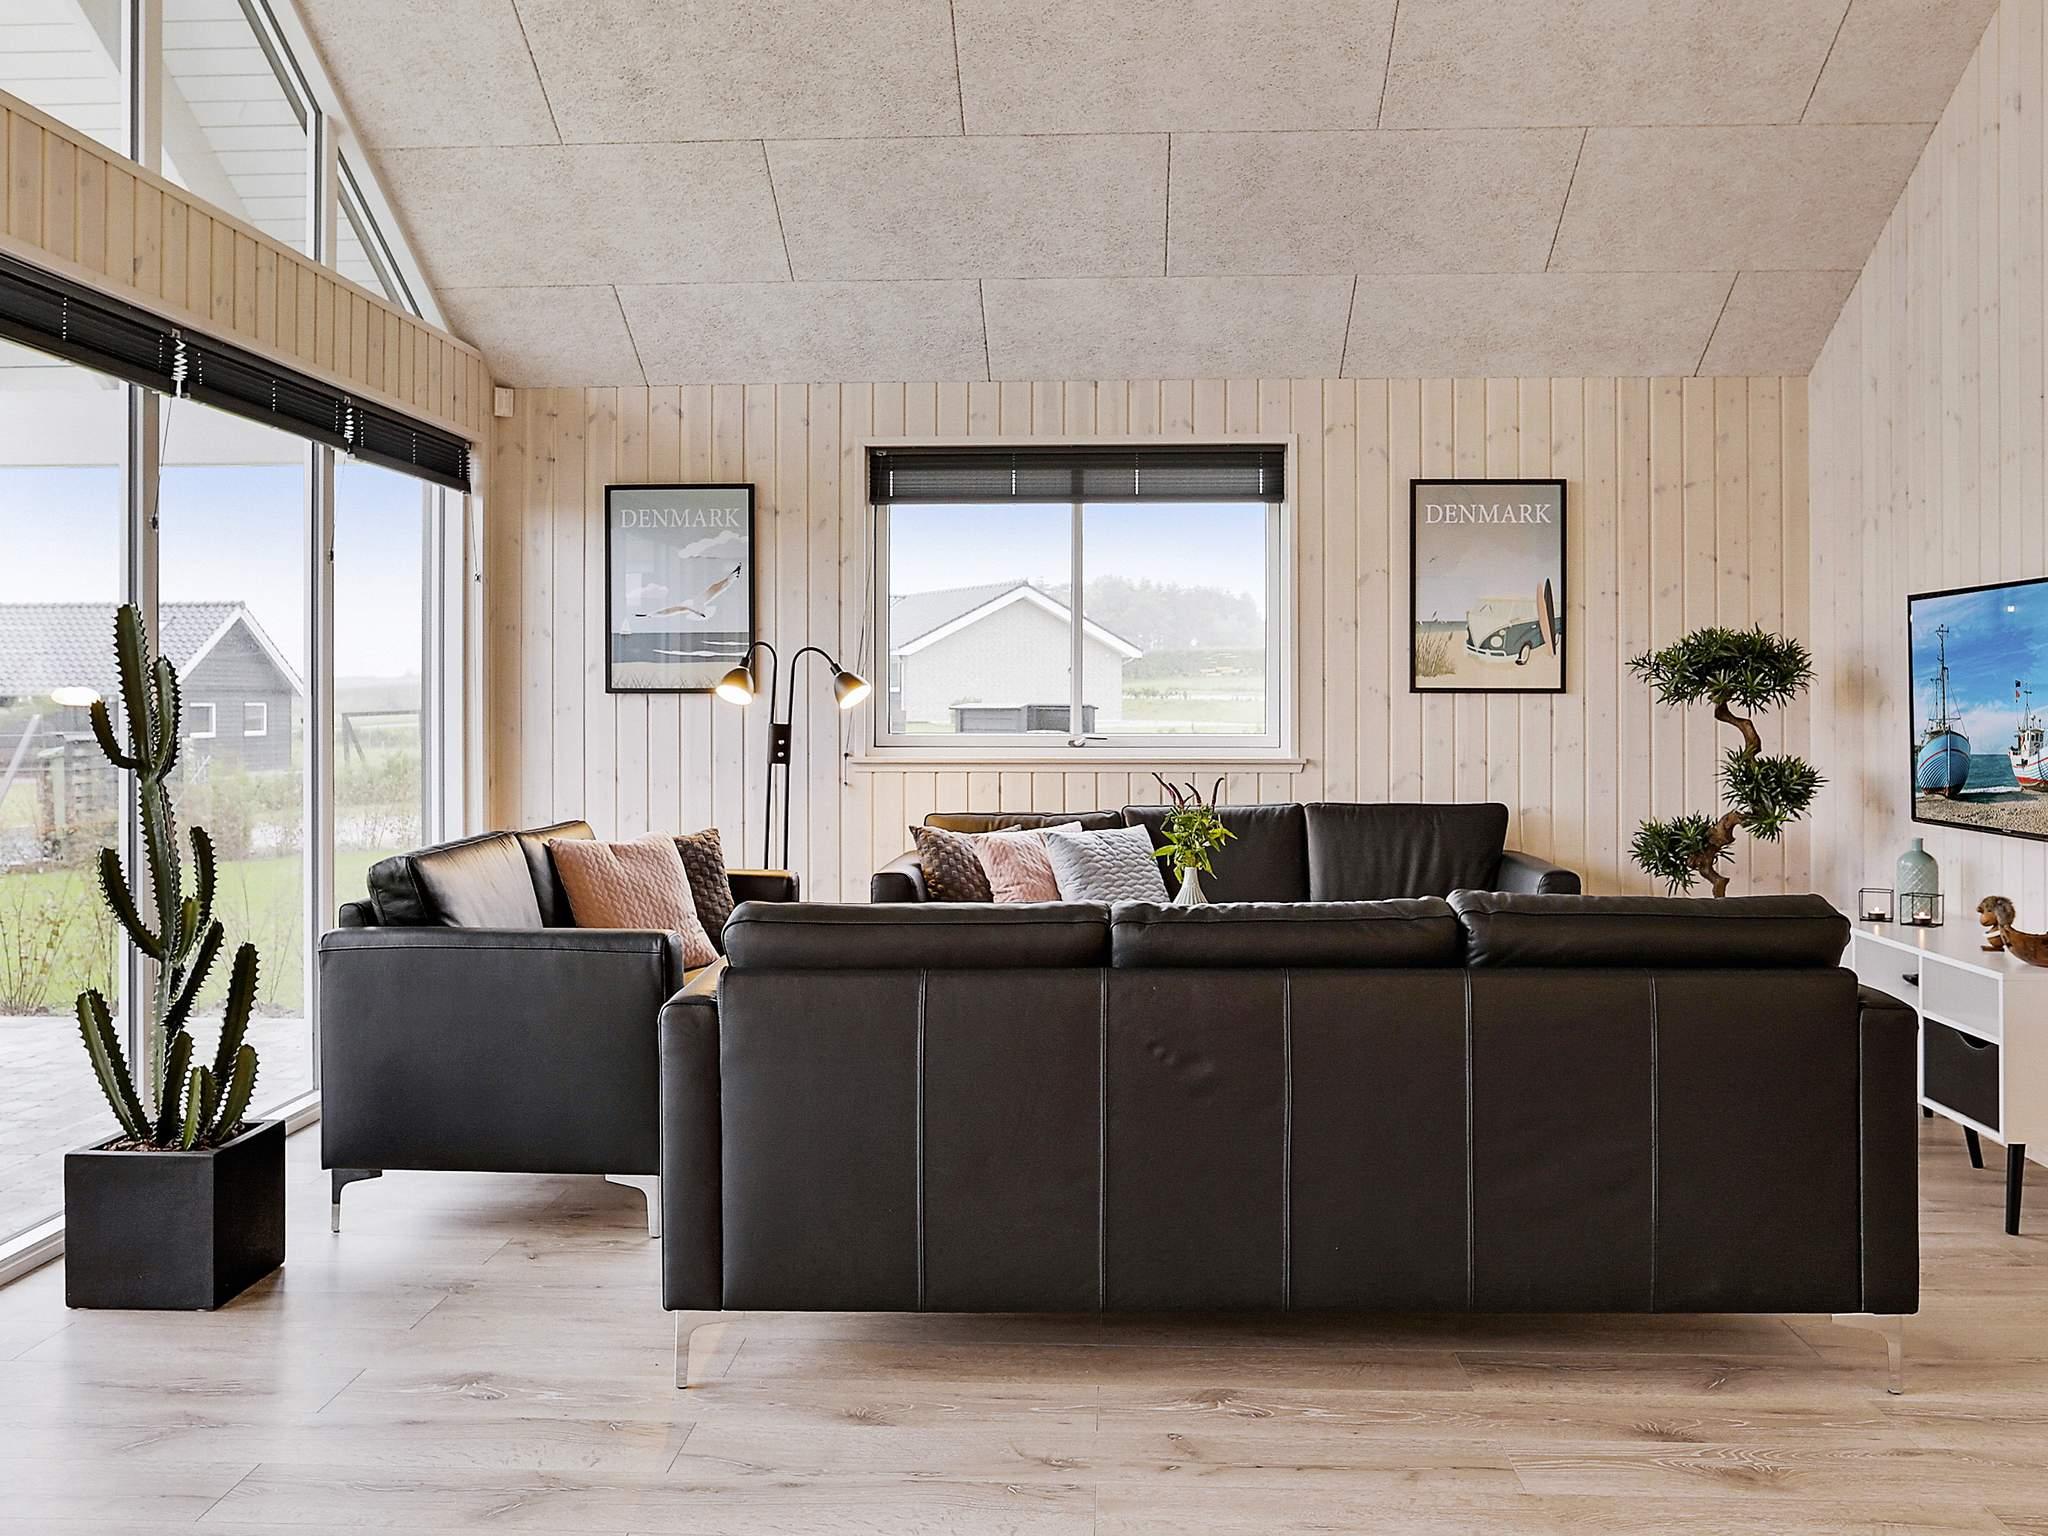 Maison de vacances Horne (2354770), Horne, , Fionie, Danemark, image 6